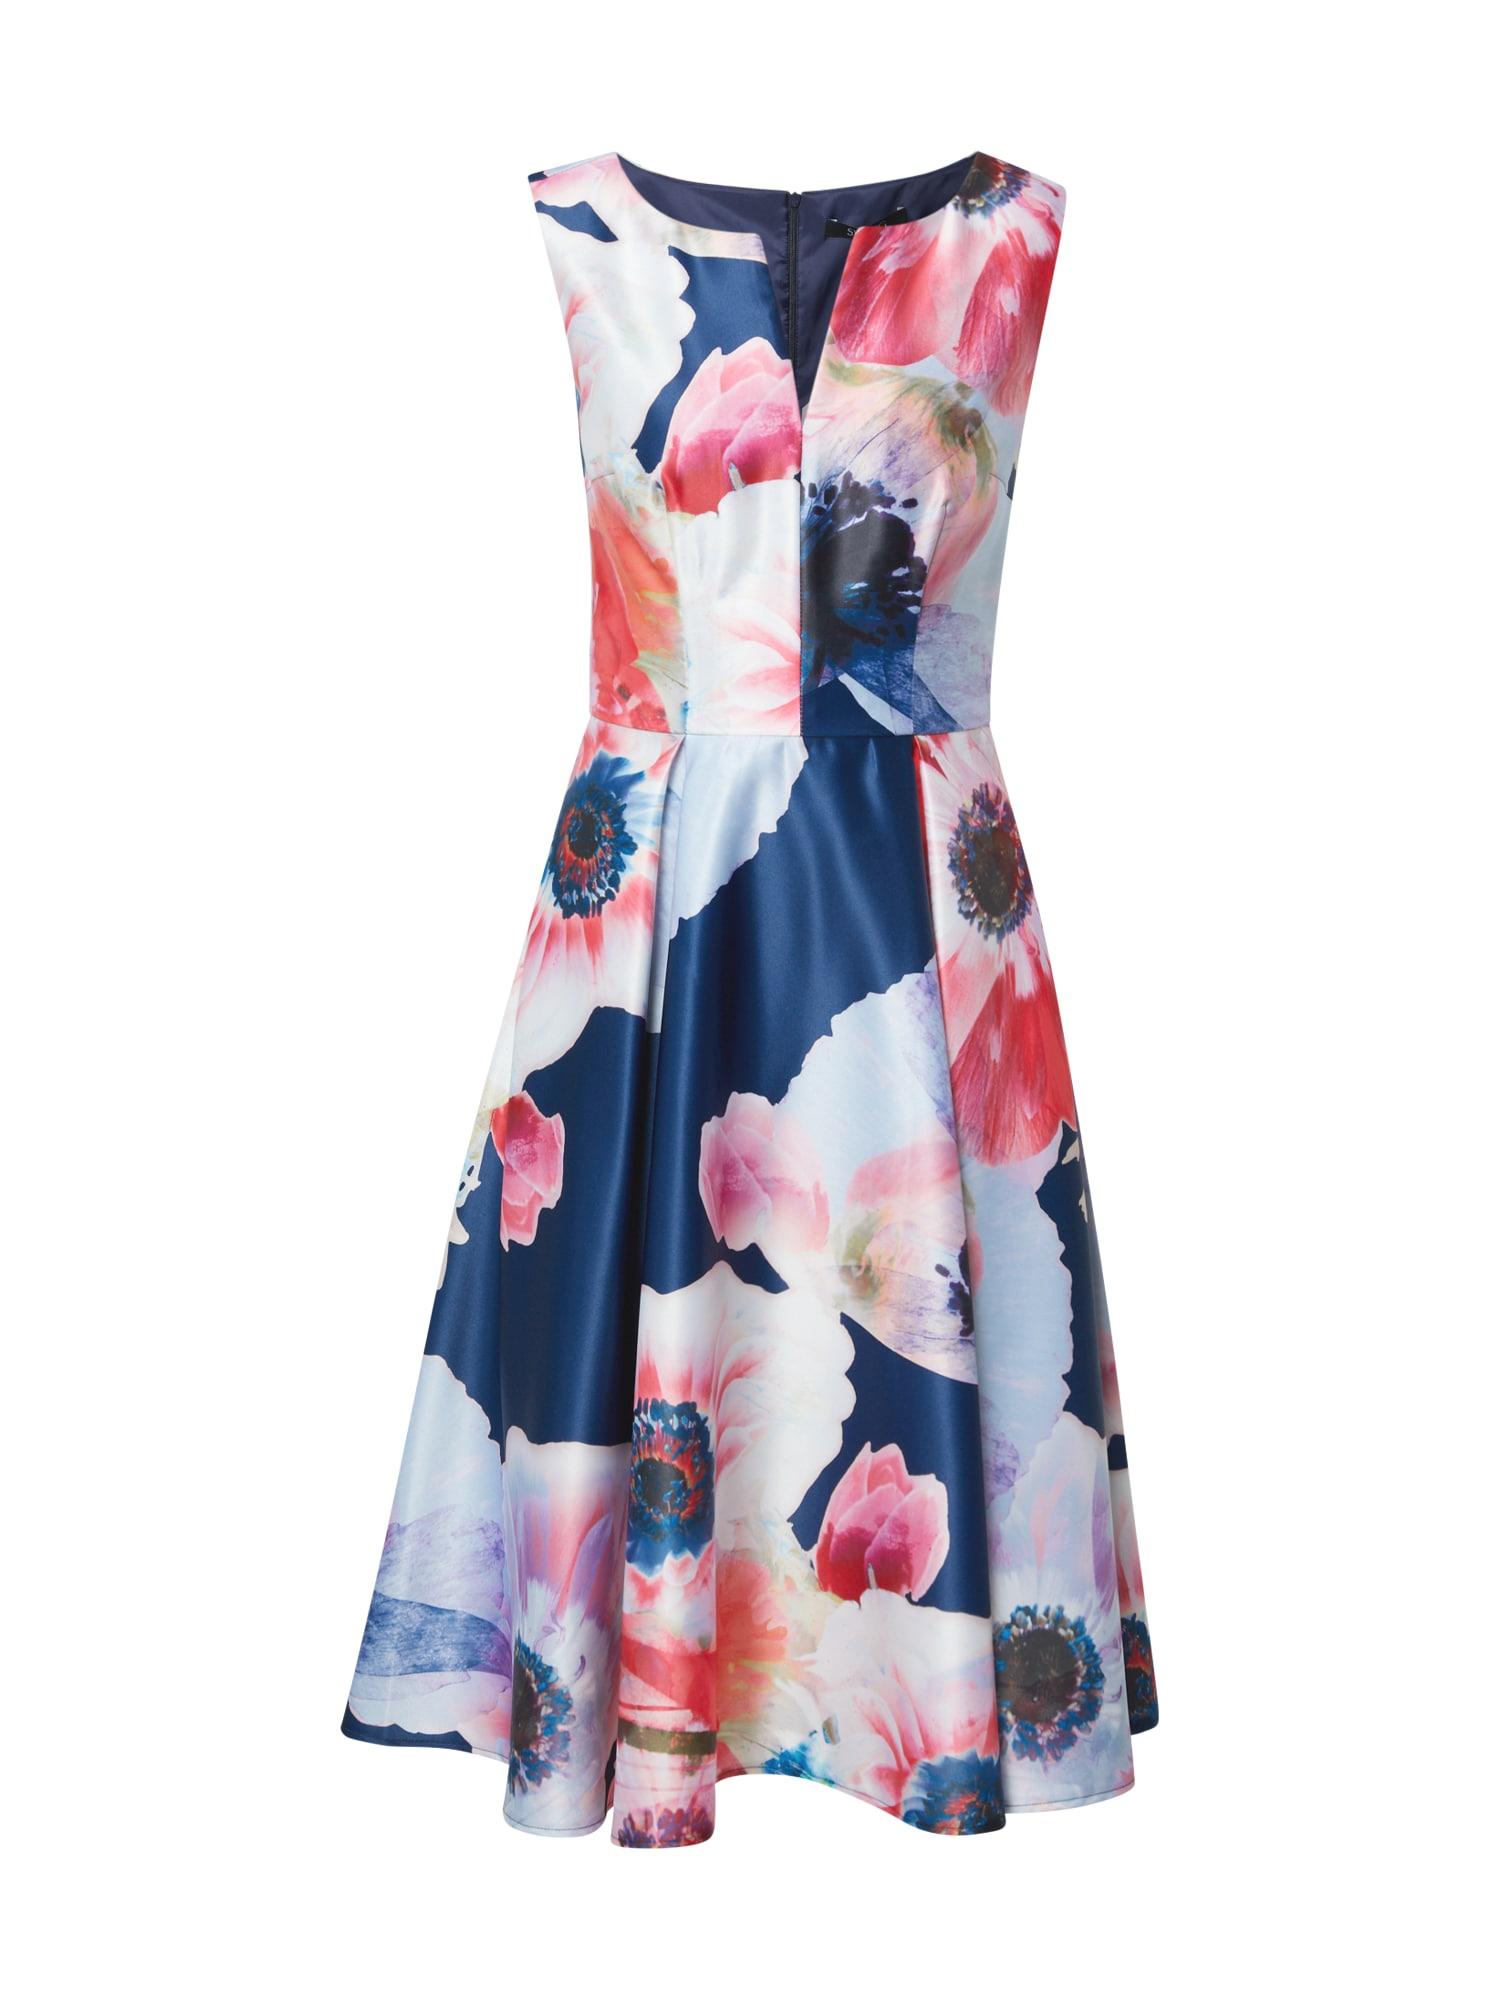 SWING Kokteilinė suknelė tamsiai mėlyna / azuro spalva / ryškiai rožinė spalva / šviesiai violetinė / mišrios spalvos